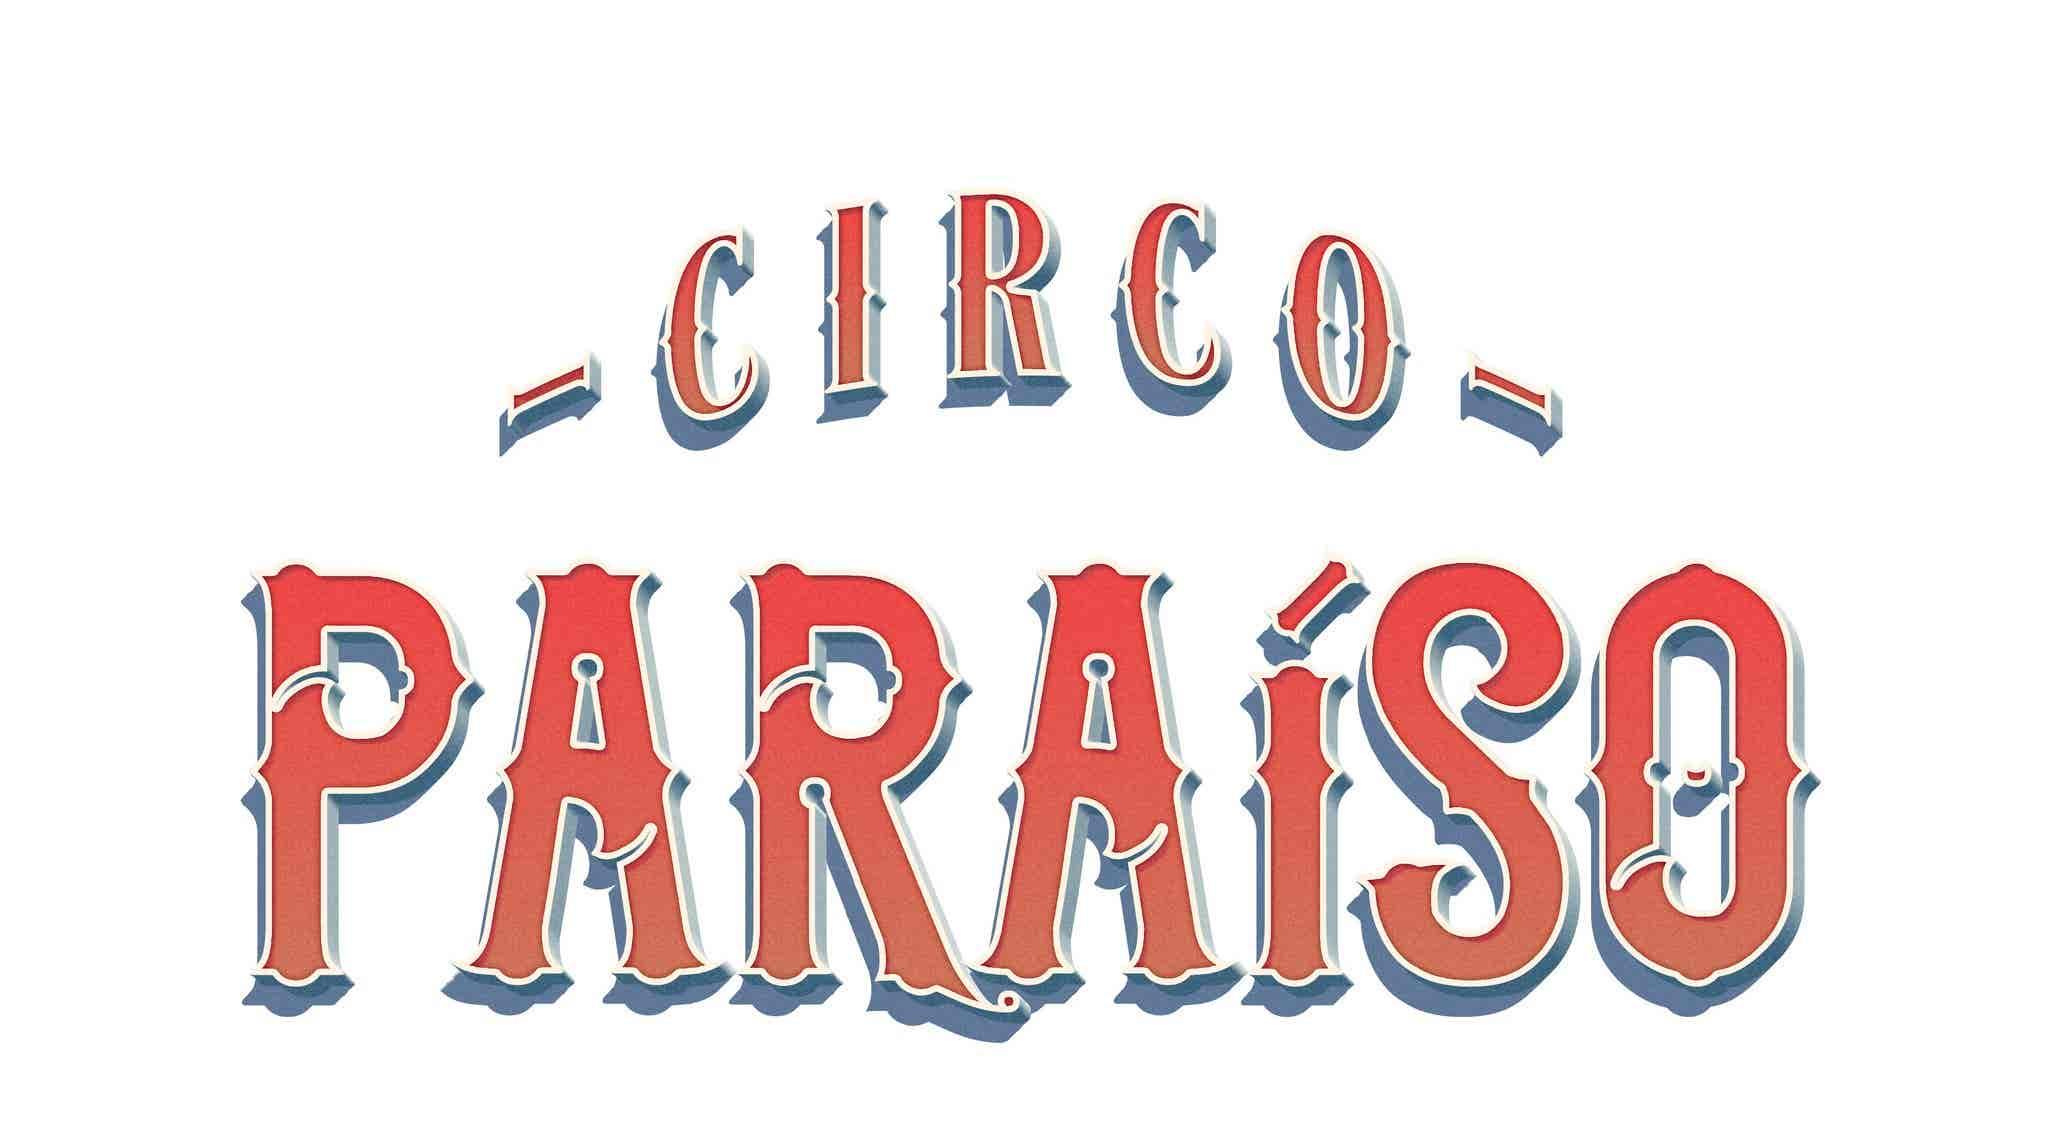 Play - Circo Paraíso